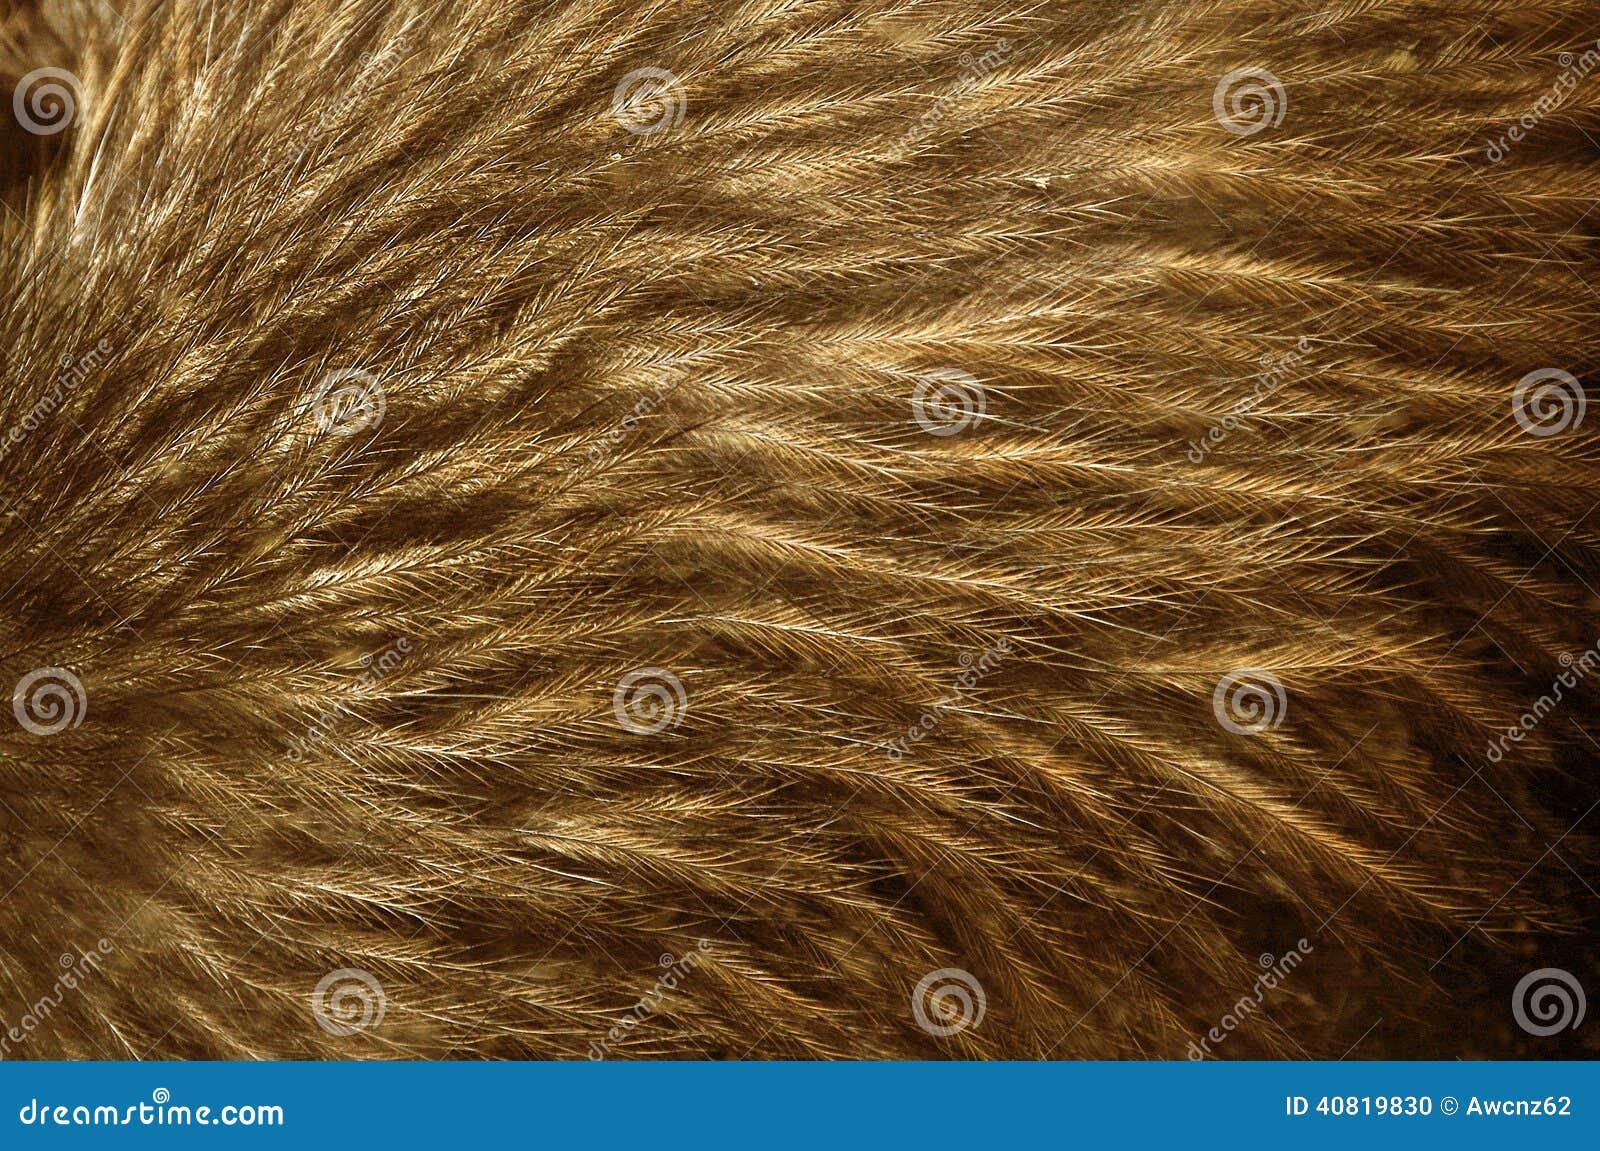 Kiwi feathers